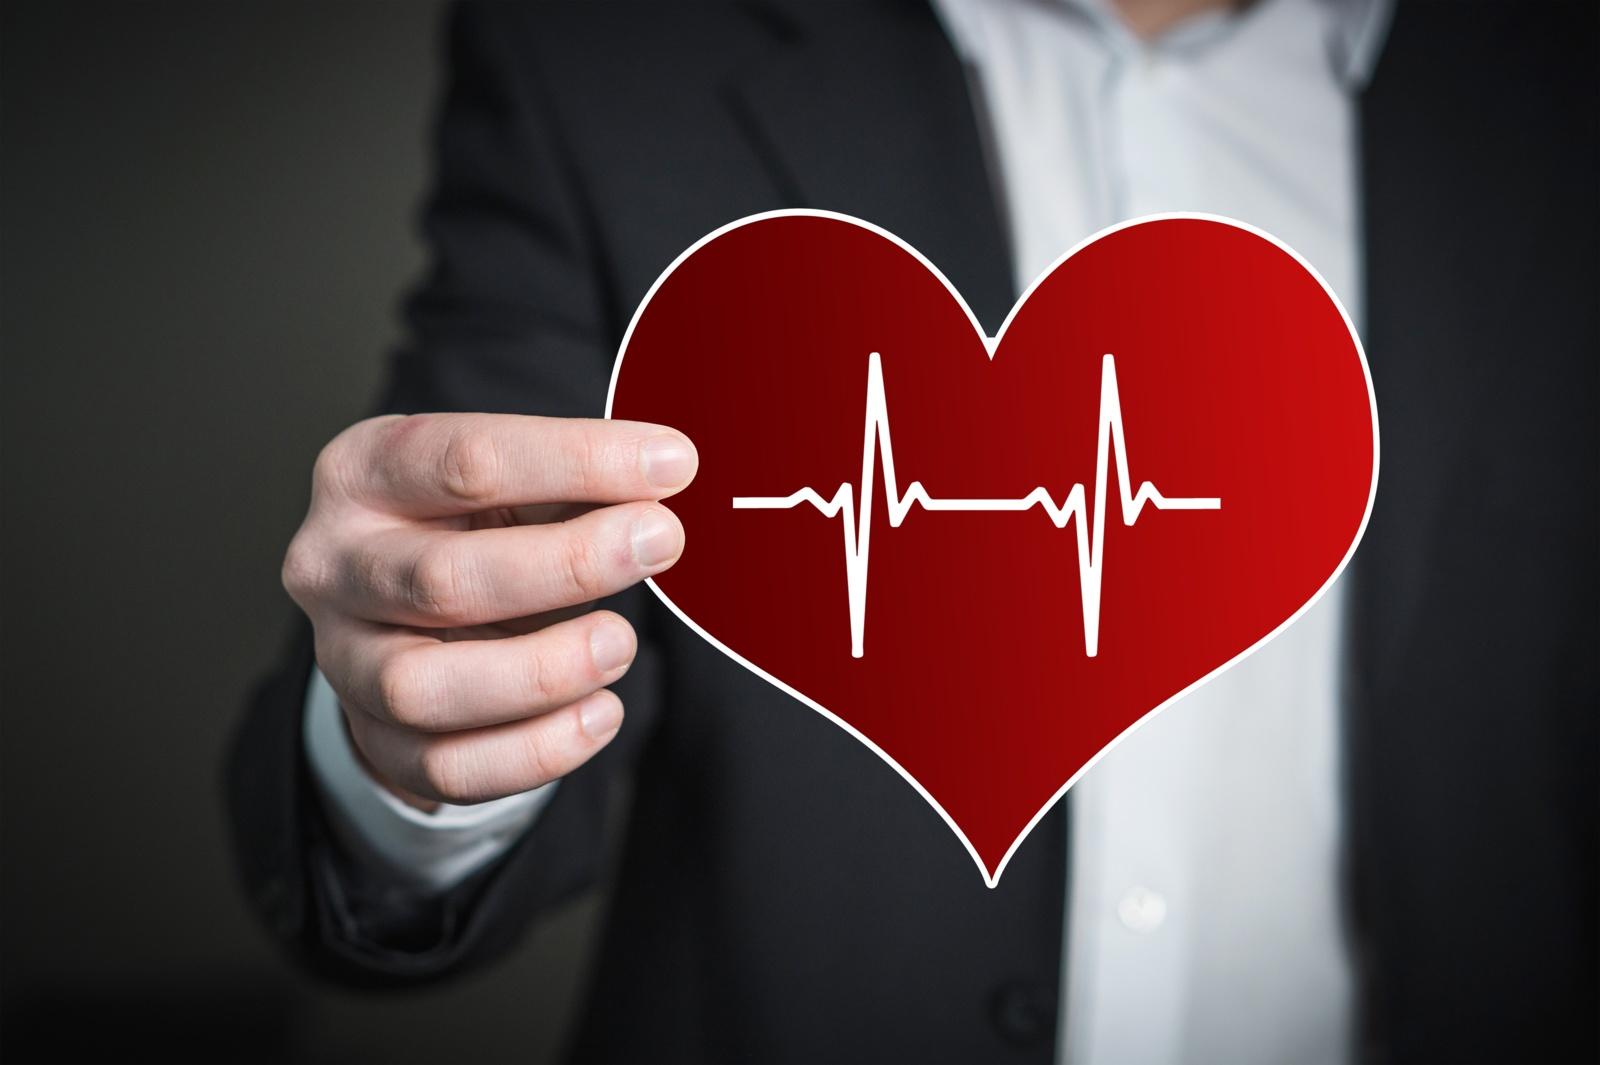 Aukštą kraujospūdį sukelia inkstų ligos